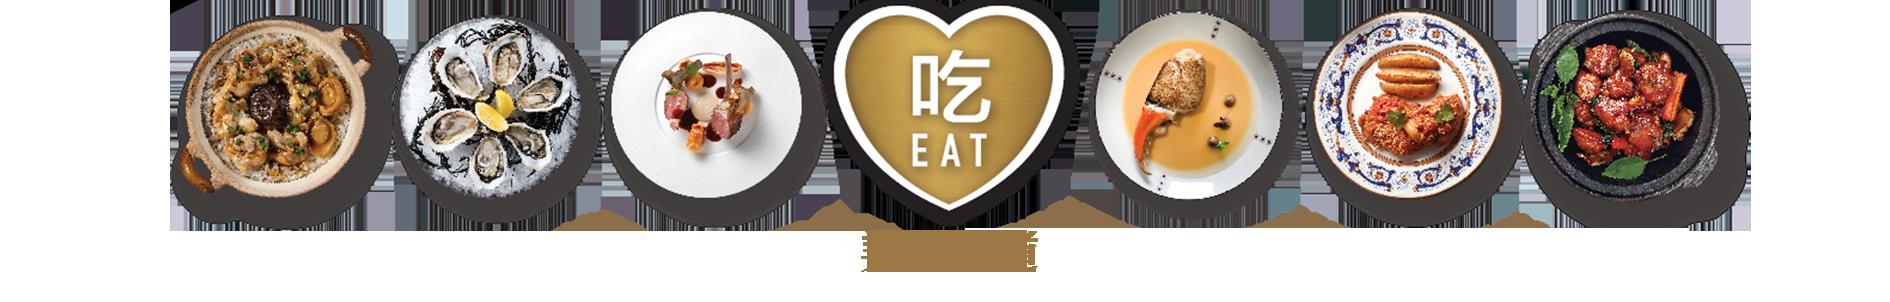 澳门银河 banner